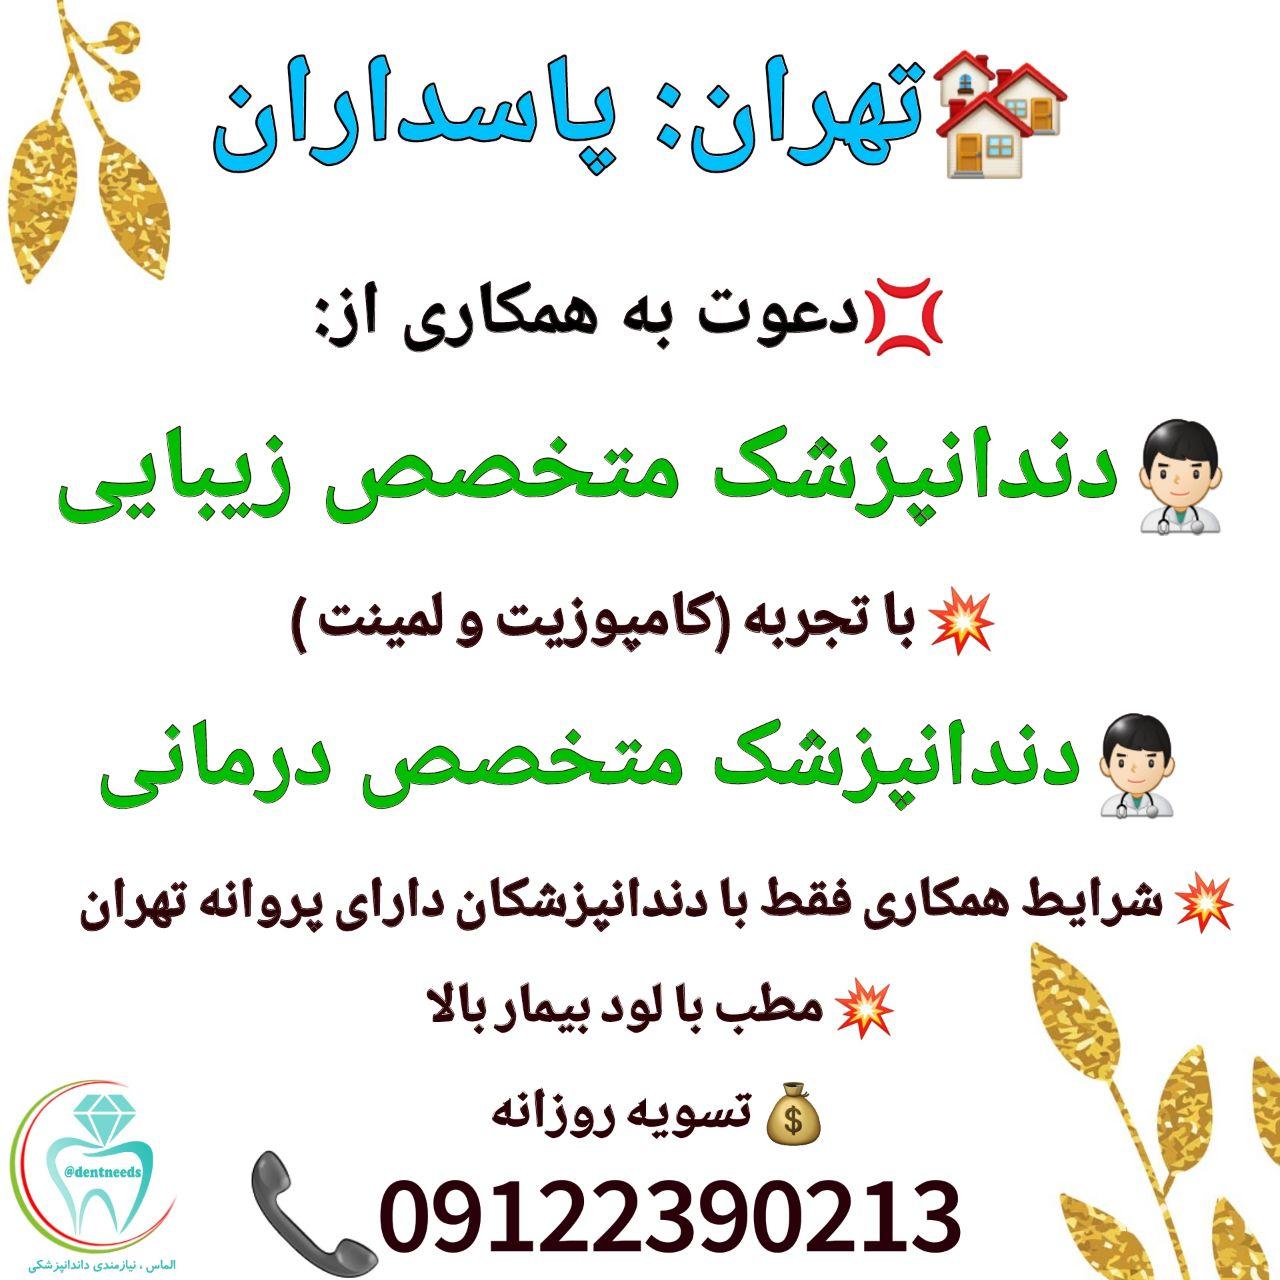 تهران: پاسداران، نیاز به دندانپزشک متخصص زیبایی، و دندانپزشک متخصص درمانی